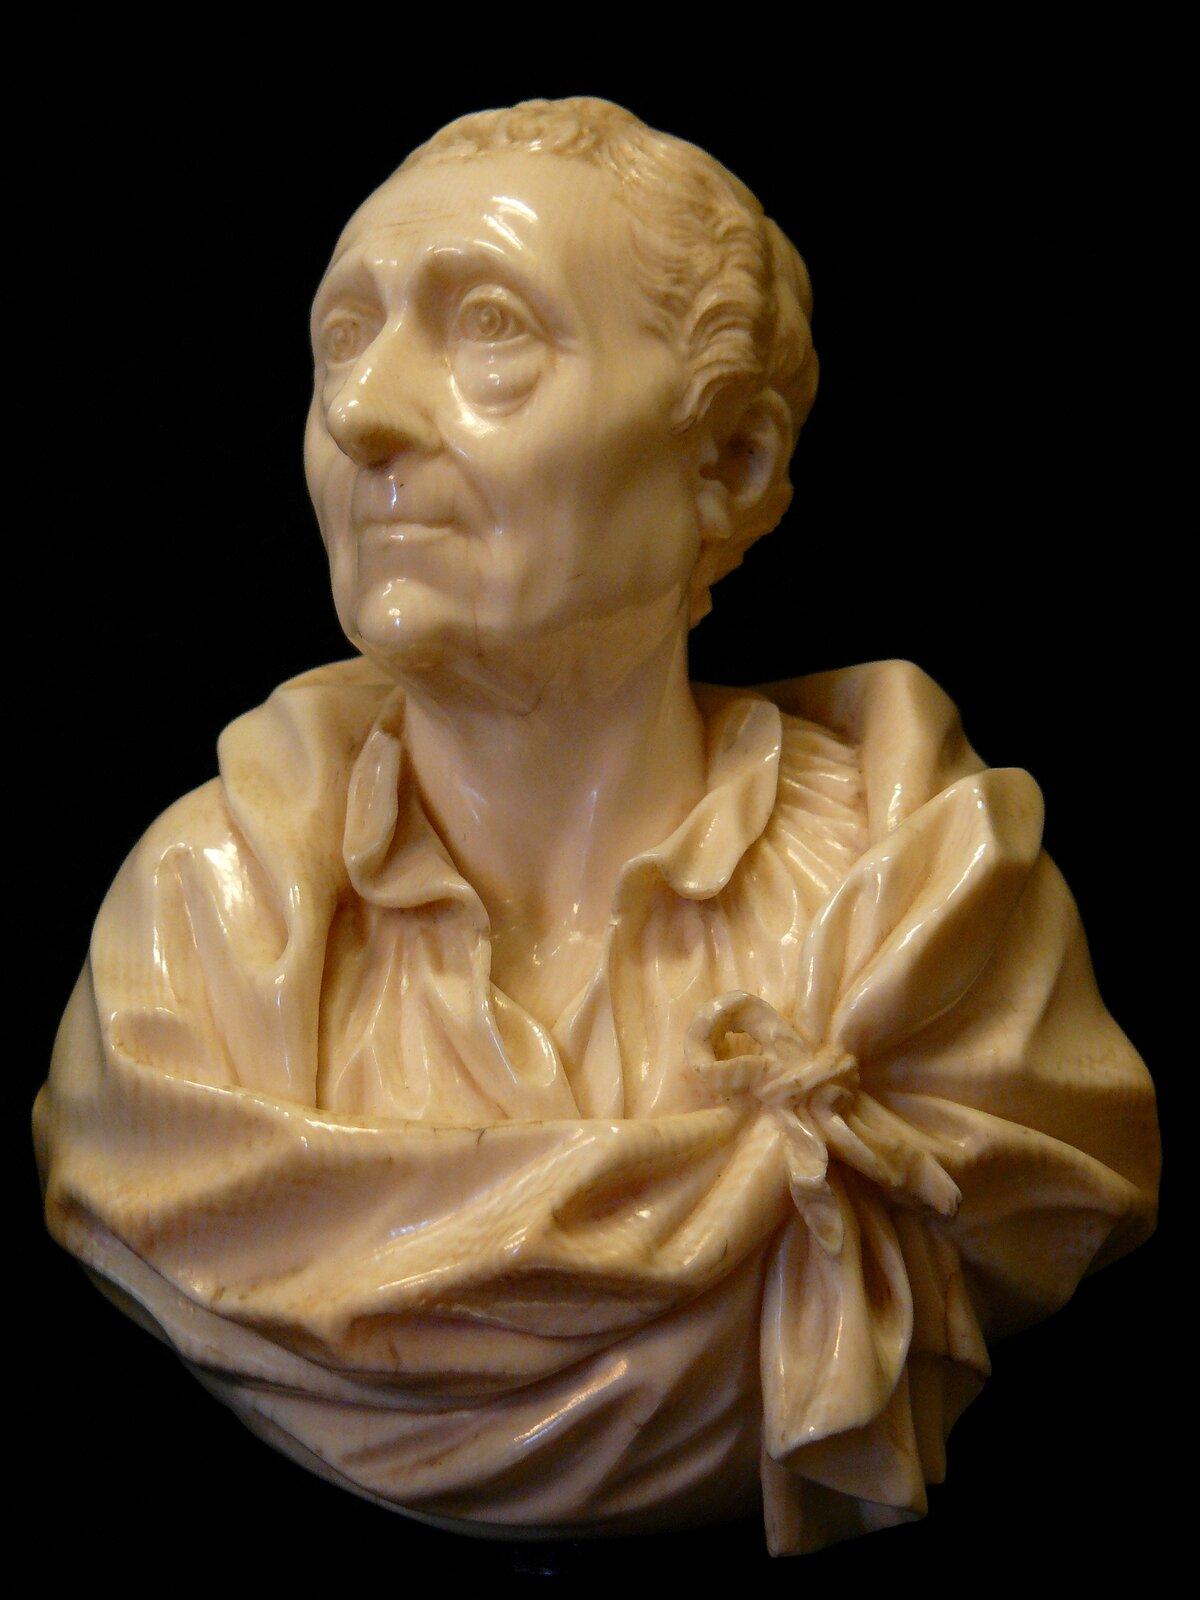 Monteskiusz Źródło: Siren-Com, Monteskiusz, Muzeum Luwr, licencja: CC BY-SA 3.0.